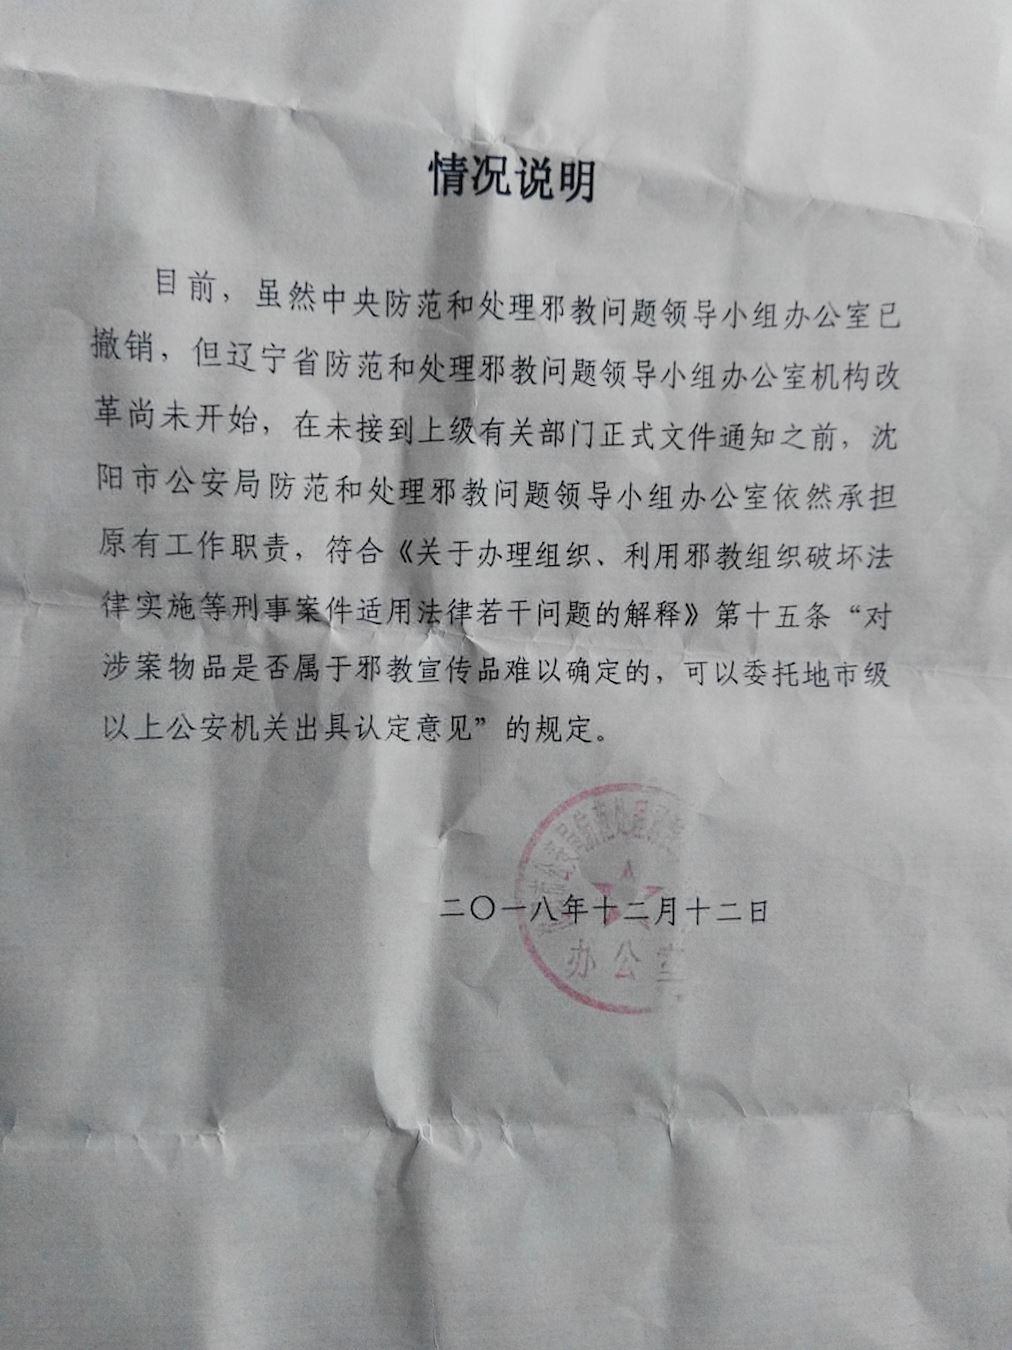 一份外洩的瀋陽市公安局有關遼寧「610」的內部文件。(明慧網)